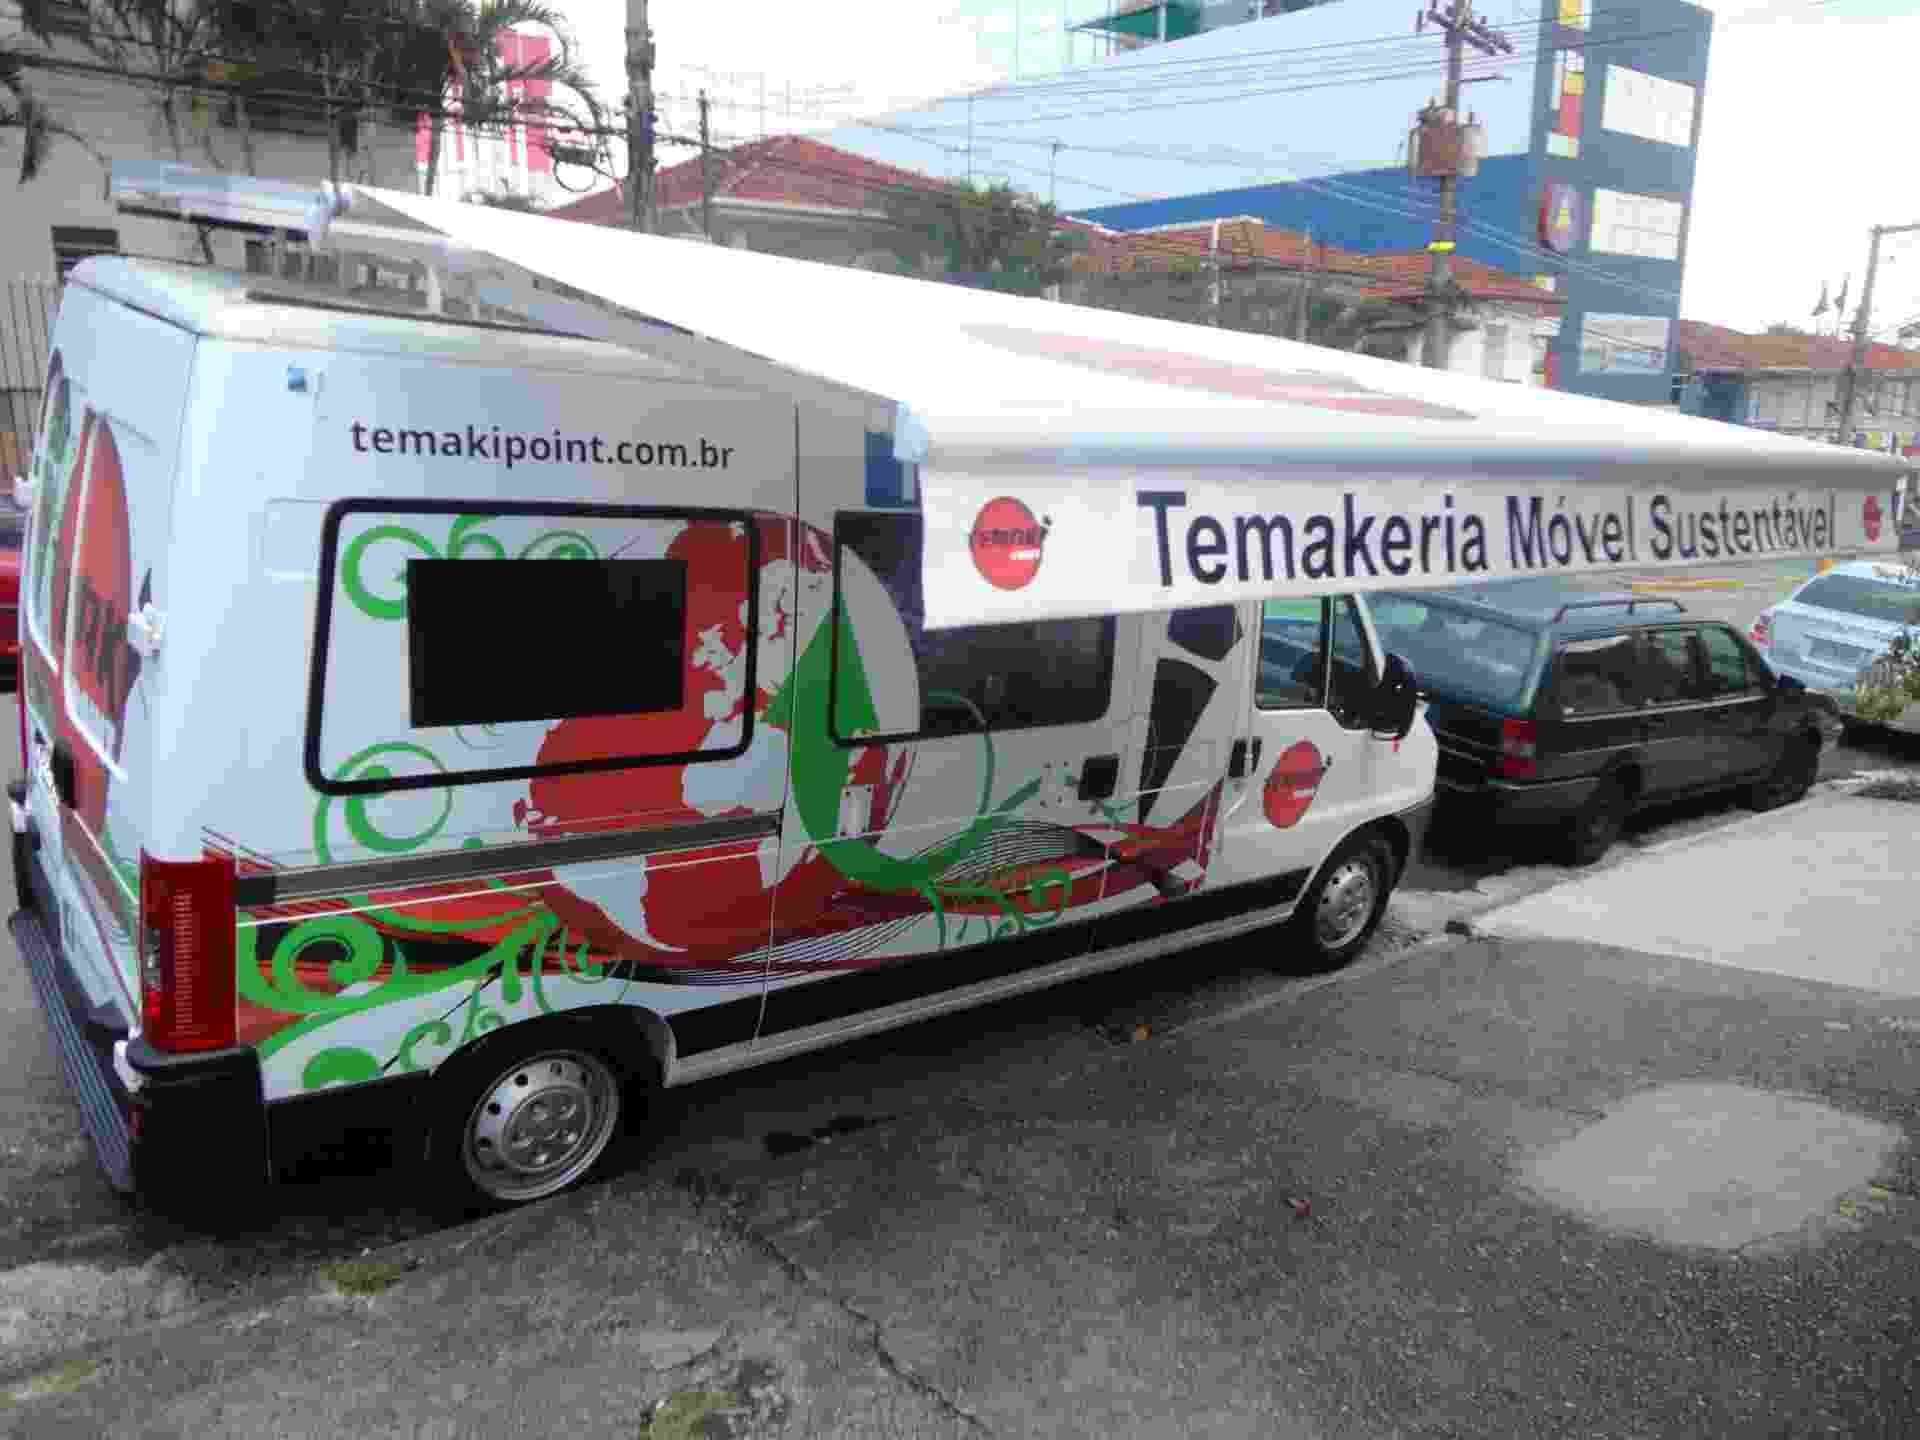 Temakeria móvel Temaki Point, em São Paulo (SP) - Divulgação